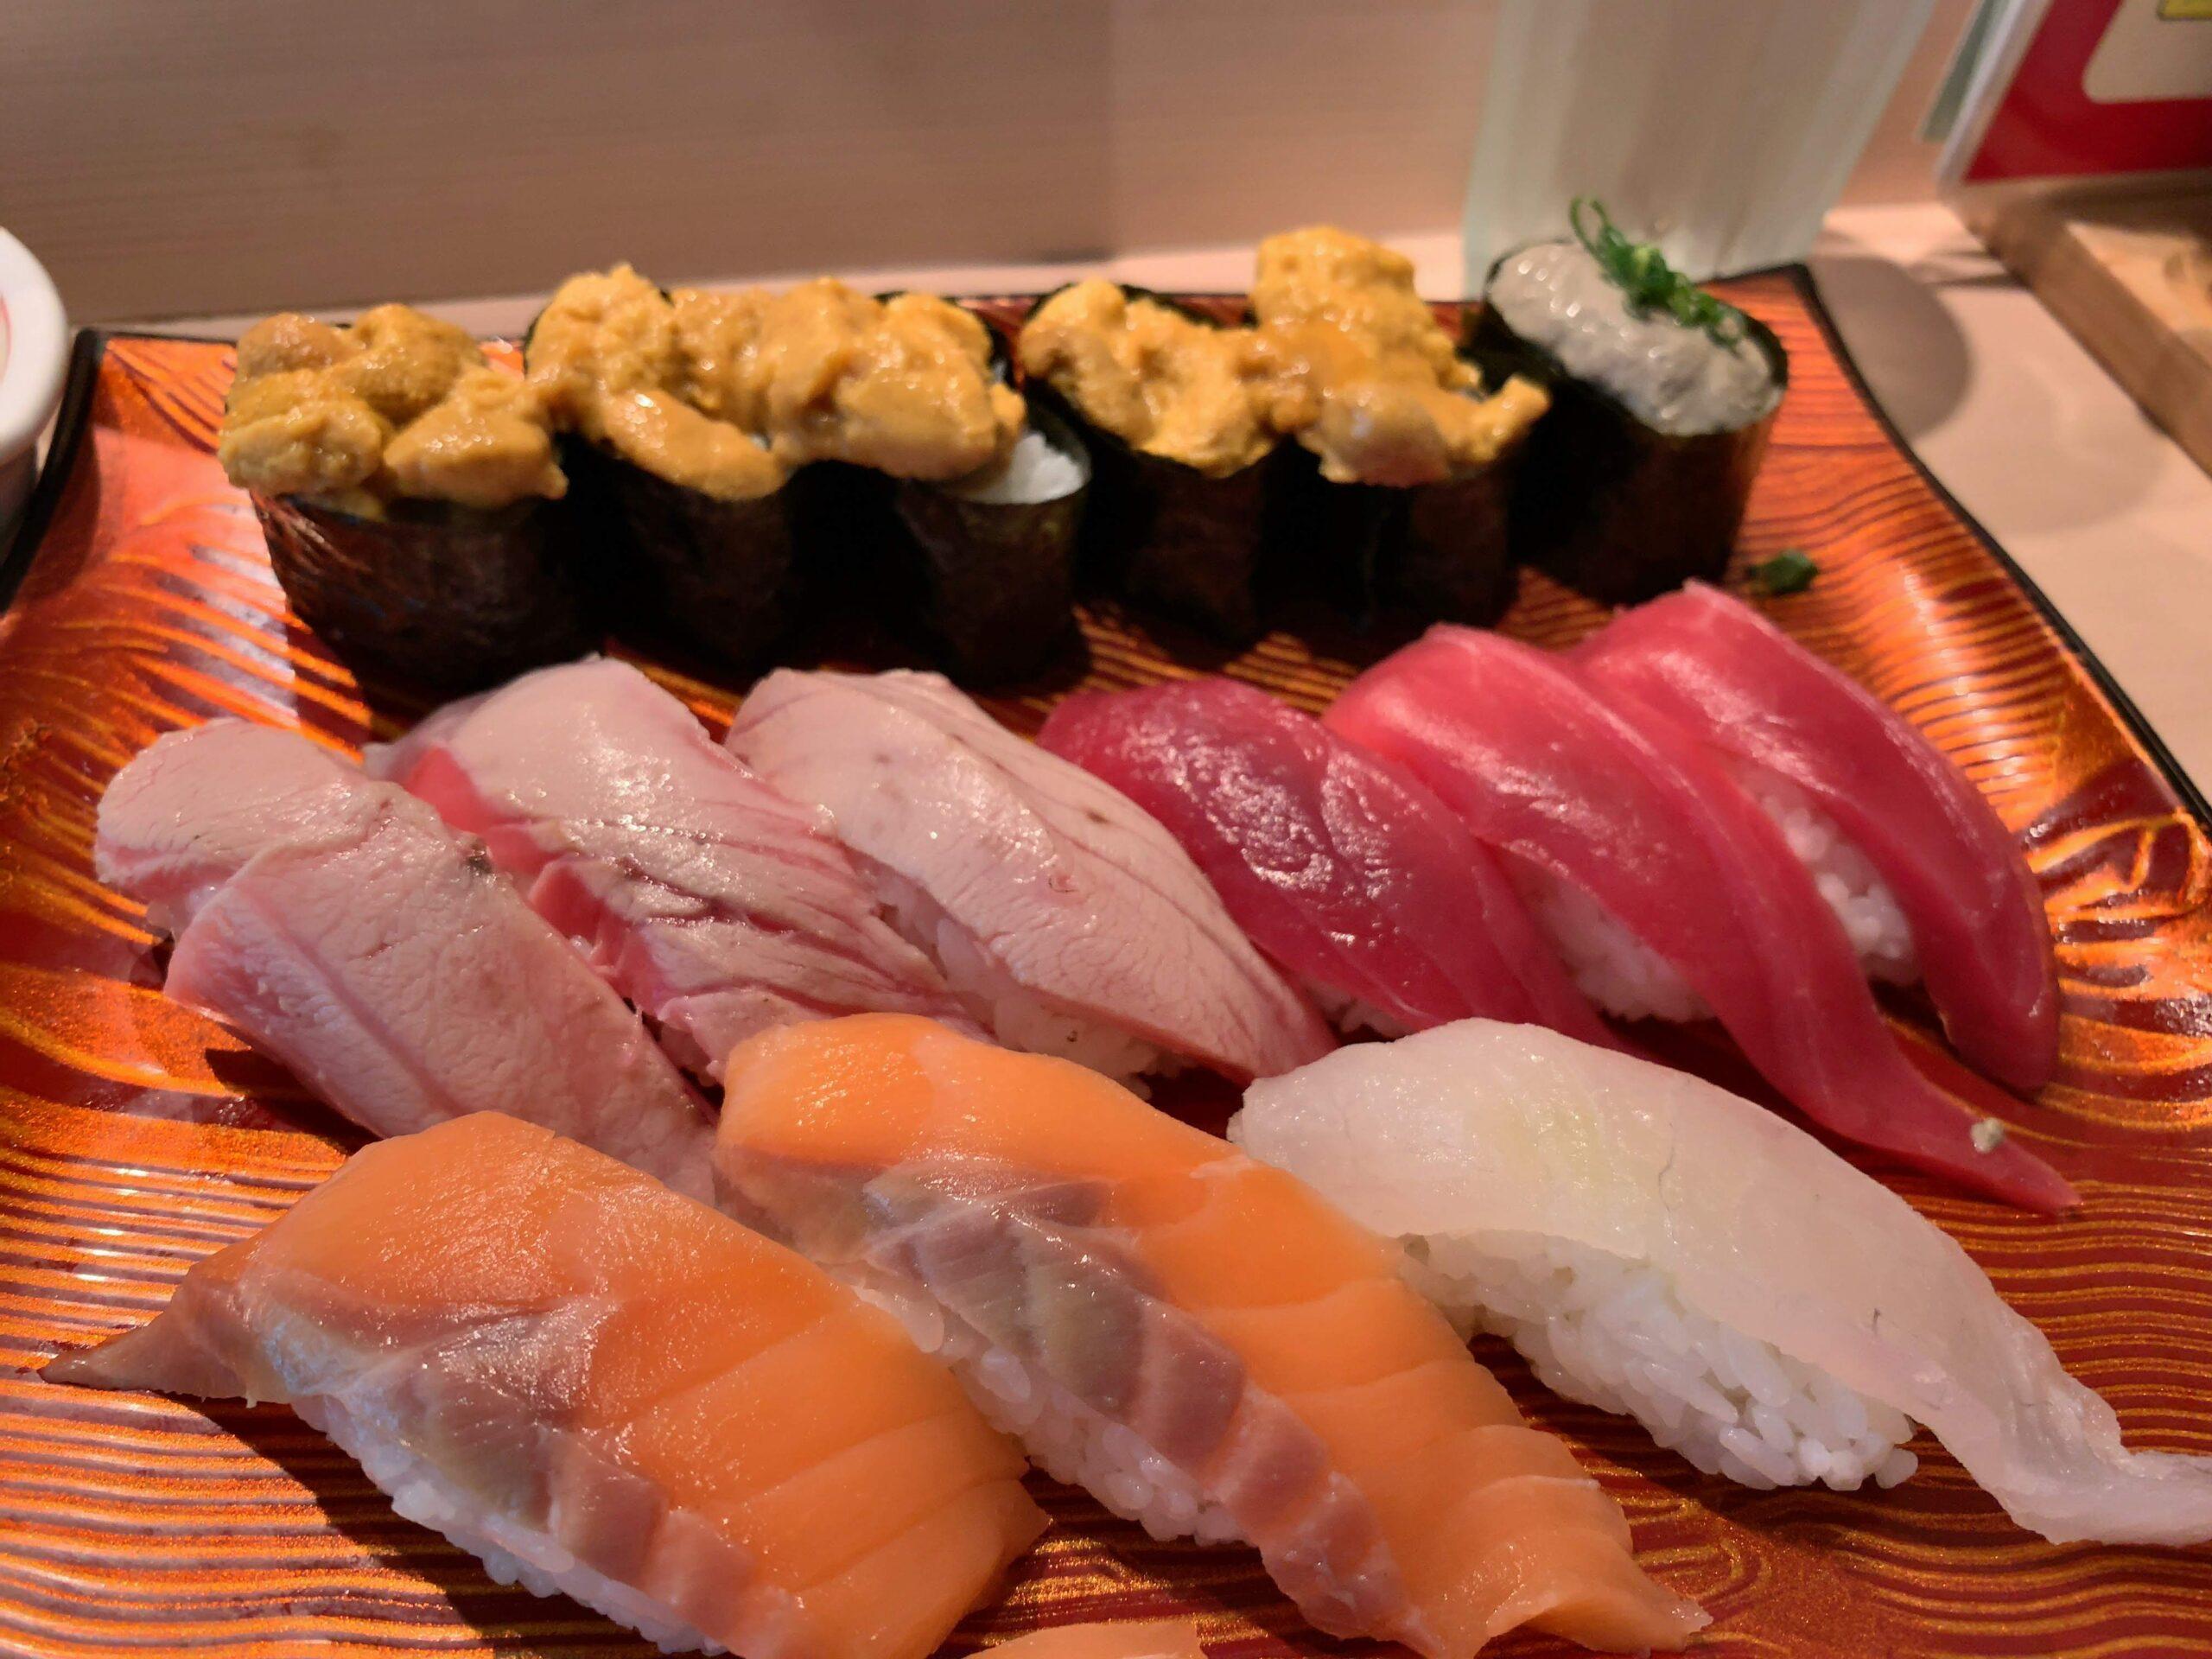 づな 寿司 食べ 放題 き